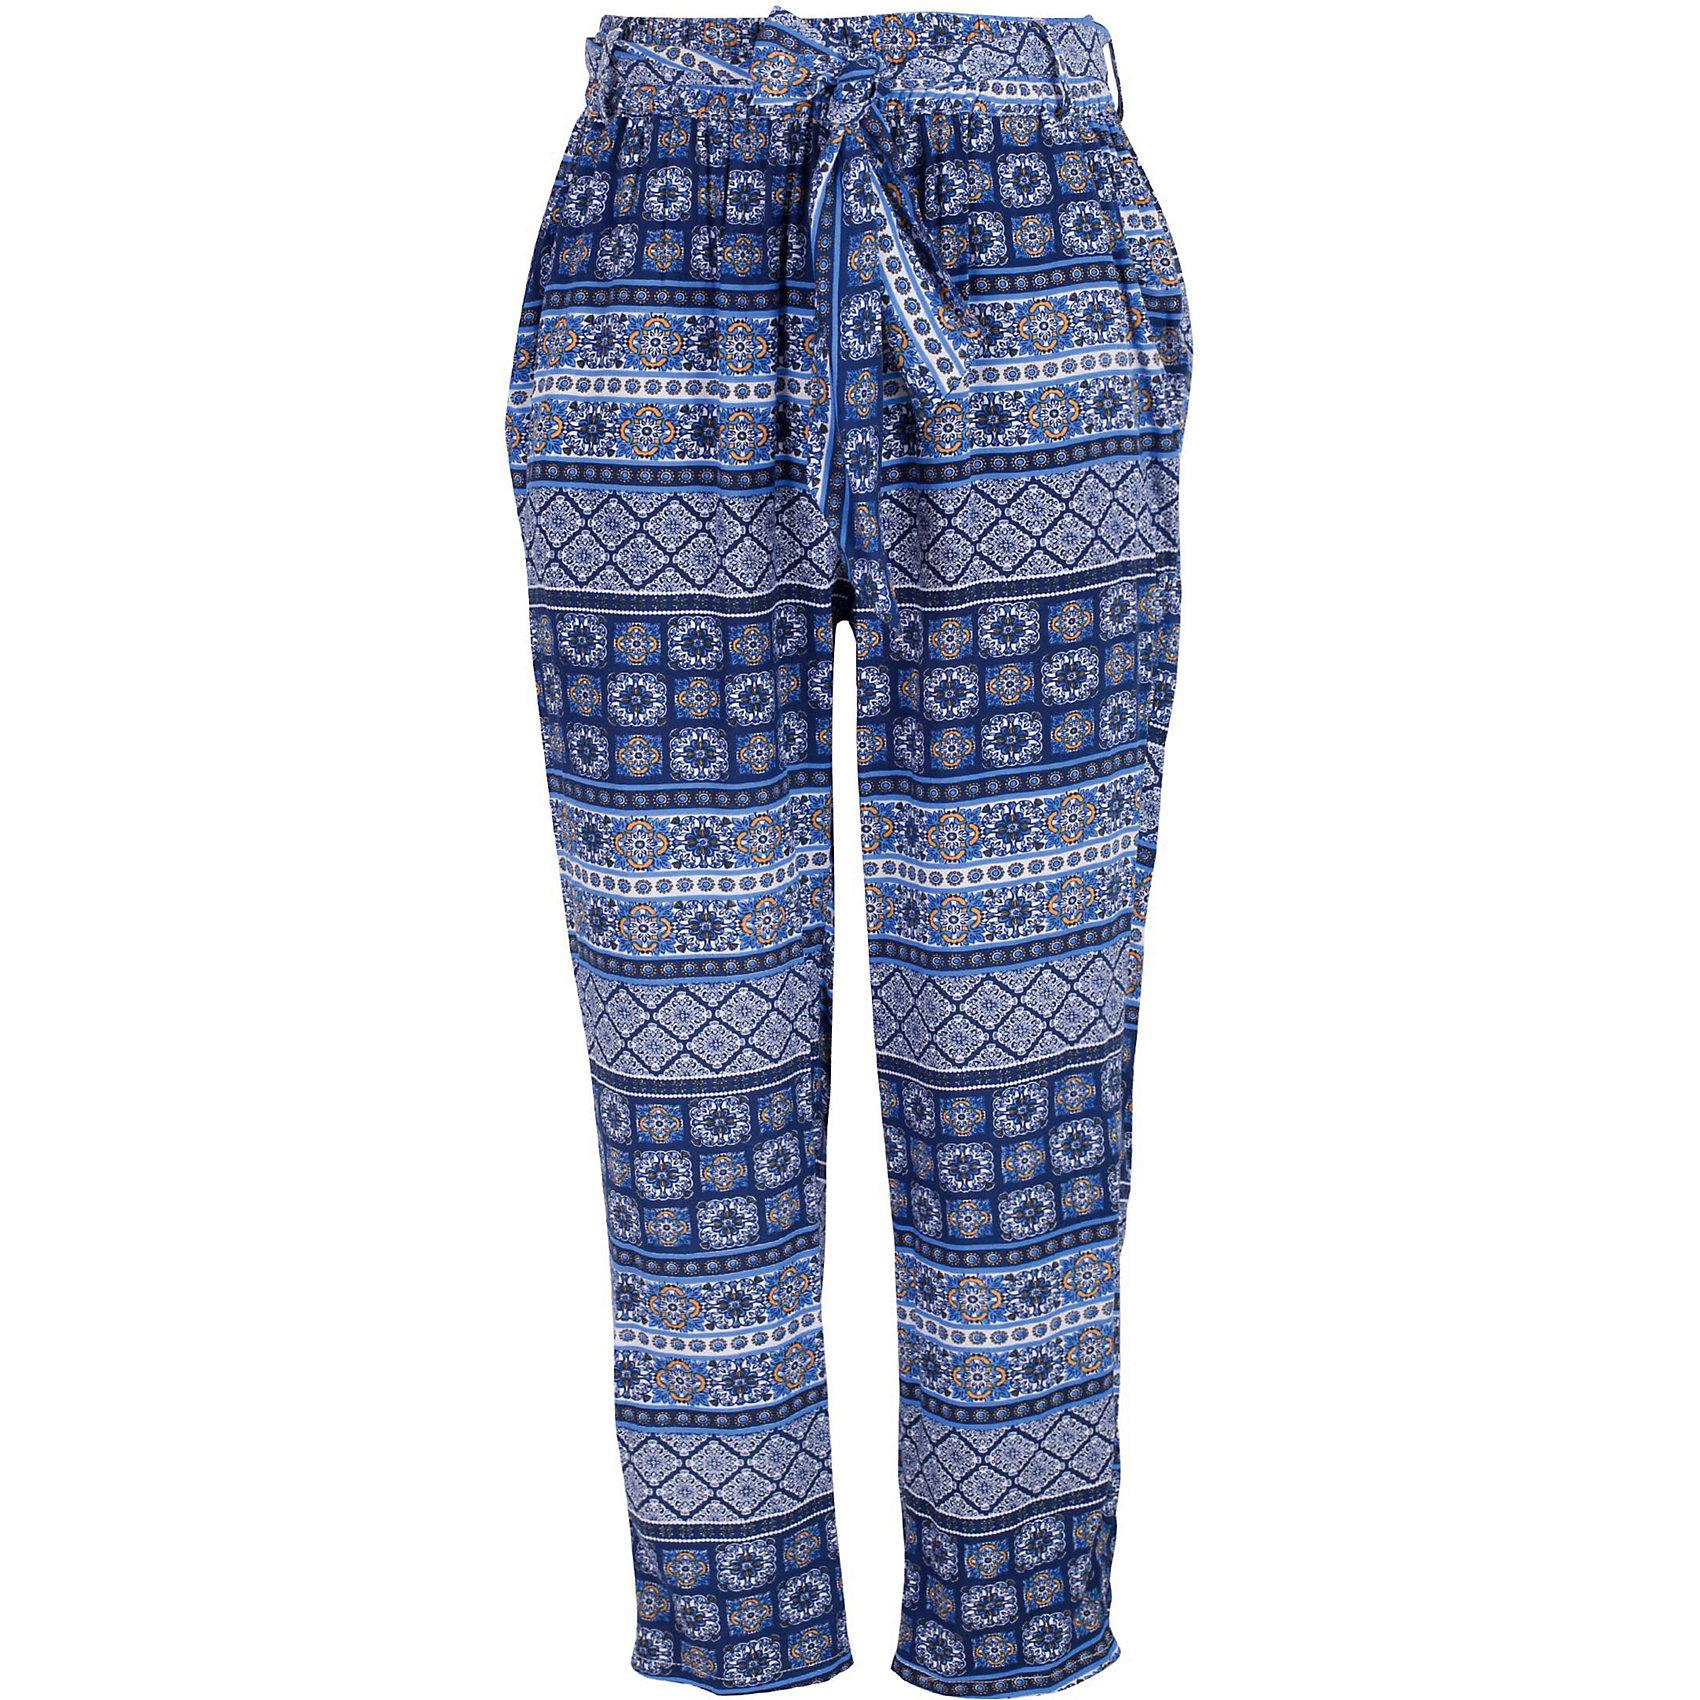 Брюки для девочки GulliverЕсли вы решили купить модные брюки для девочки, выбор этой модели очевиден! Брюки из яркого орнаментального текстиля - идеальный вариант для теплой весны и жаркого лета. Актуальная форма, красивый силуэт, удобство и практичность делают эту модель заслуживающей высочайшей оценки! В ней все продумано до мелочей. Яркий позитивный рисунок создает отличное настроение, комфортный крой дарит легкость и свободу движений. Пояс на резинке отлично фиксирует брюки на талии ребенка, создавая комфорт и свободу движений.<br>Состав:<br>100% вискоза<br><br>Ширина мм: 215<br>Глубина мм: 88<br>Высота мм: 191<br>Вес г: 336<br>Цвет: разноцветный<br>Возраст от месяцев: 108<br>Возраст до месяцев: 120<br>Пол: Женский<br>Возраст: Детский<br>Размер: 140,122,128,134<br>SKU: 5484051